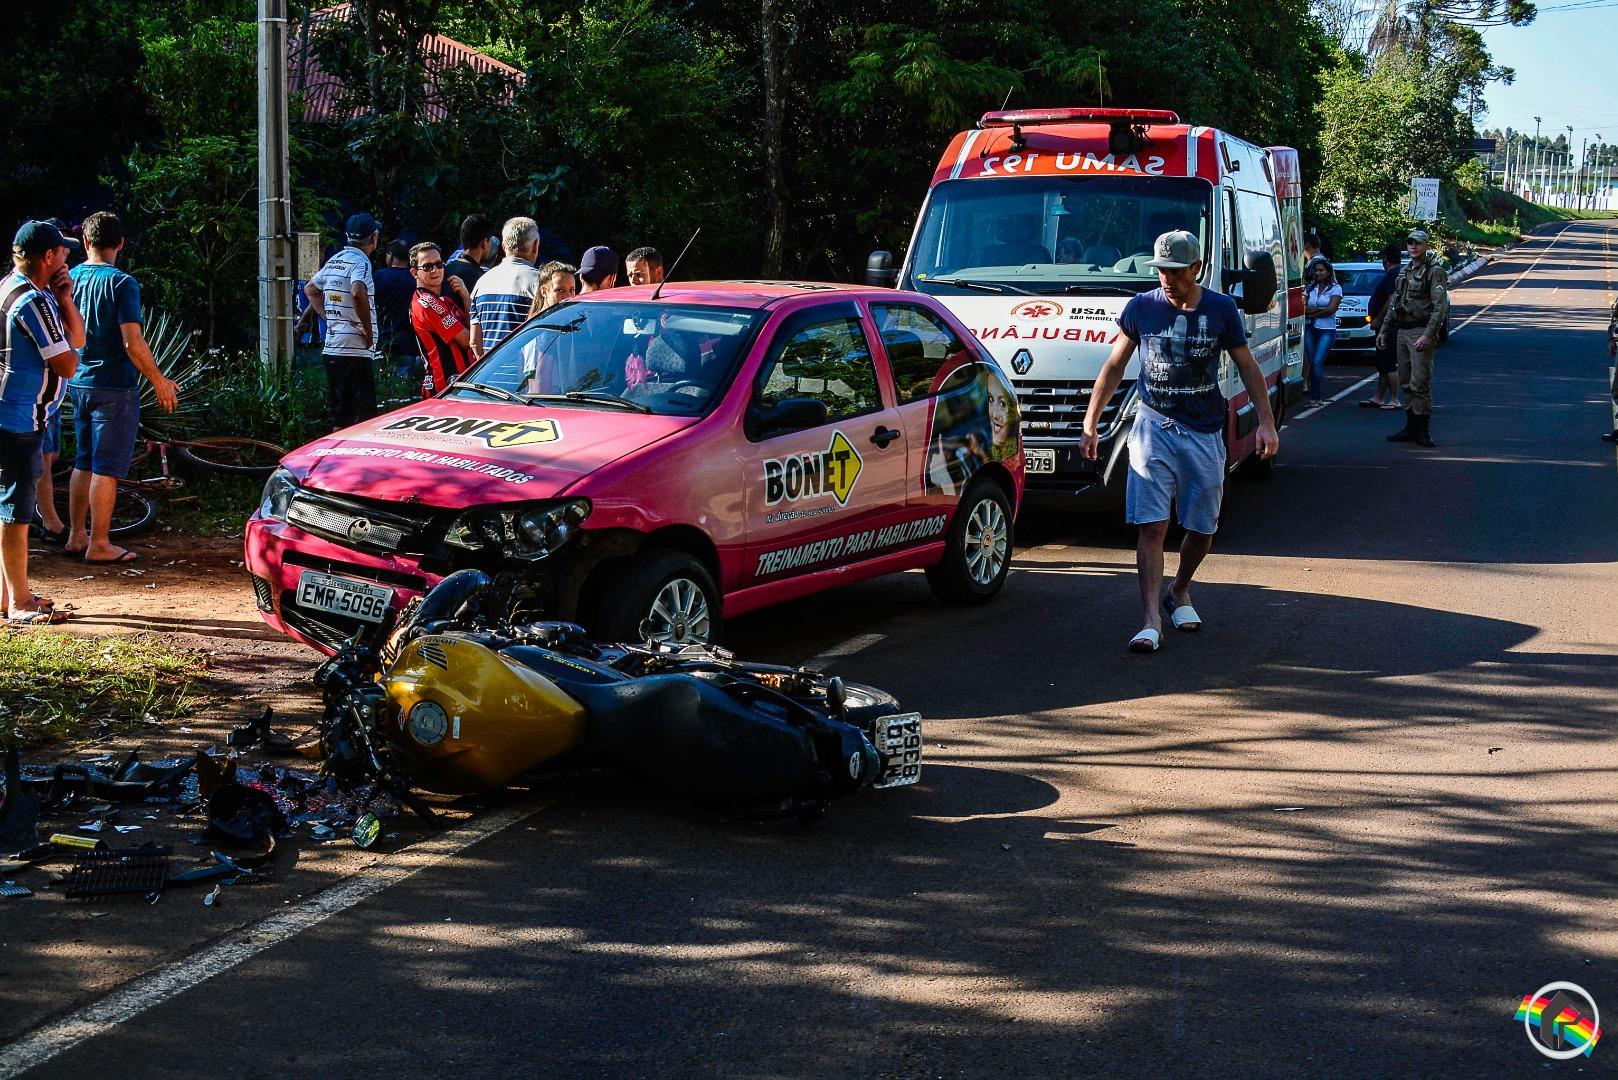 Dois veículos e uma motocicleta se envolvem em acidente; motociclista fica ferido